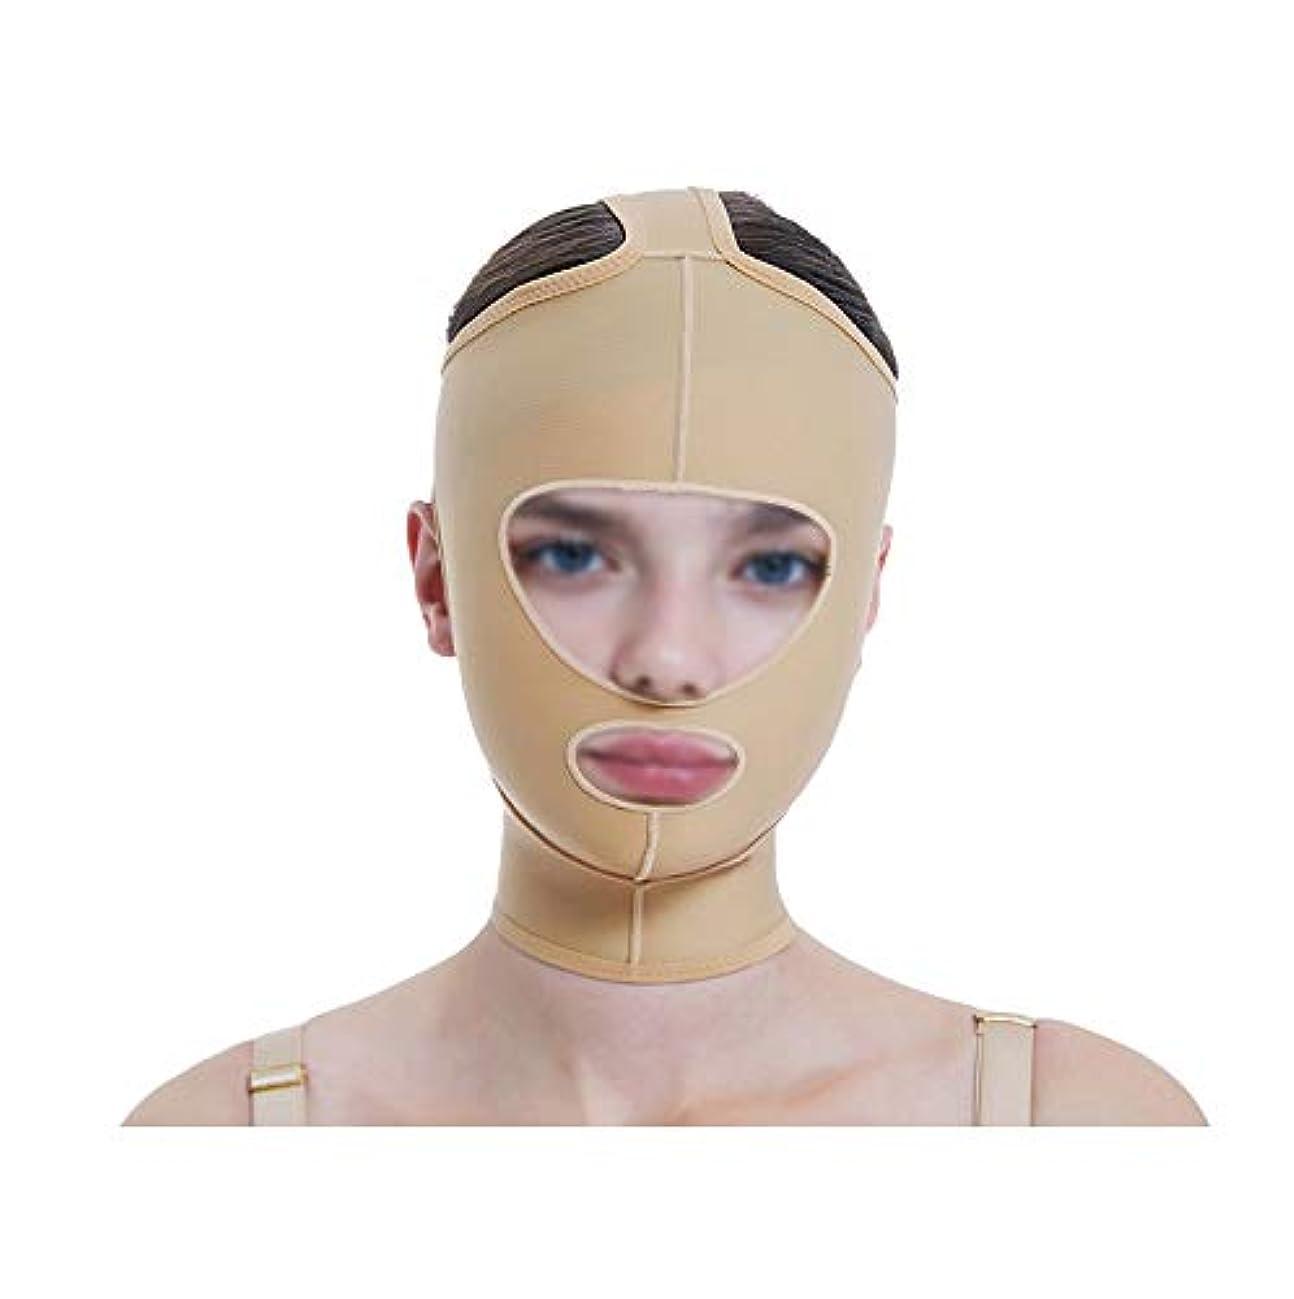 レコーダー意外神経衰弱GLJJQMY 顔と首のリフト痩身マスクの顔の彫刻の顔の弾性スーツ薄い二重あごのアーティファクトV顔のビーム表面 顔用整形マスク (Size : XS)